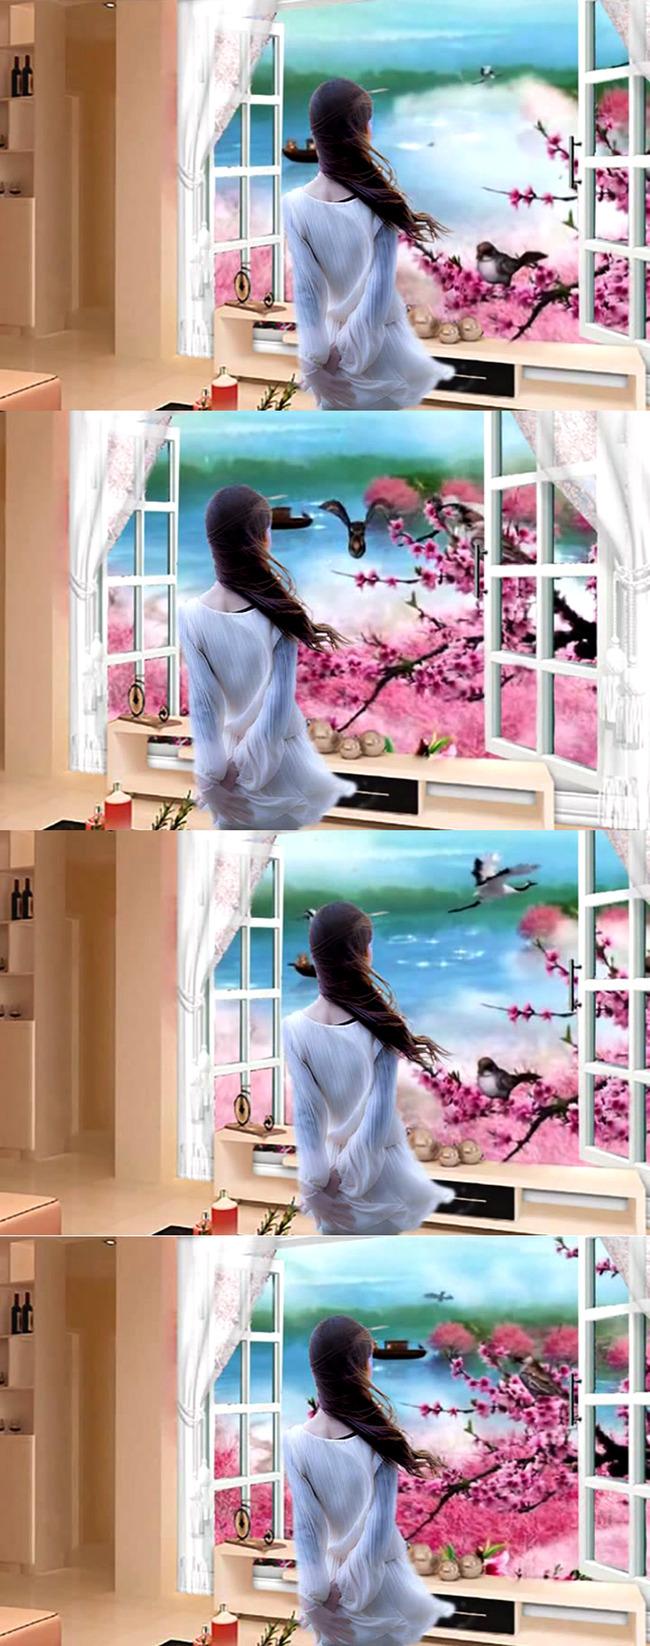 小鸟视频 小船视频 窗外风景 门窗 看风景 小鸟叫声 春天 美女 背影